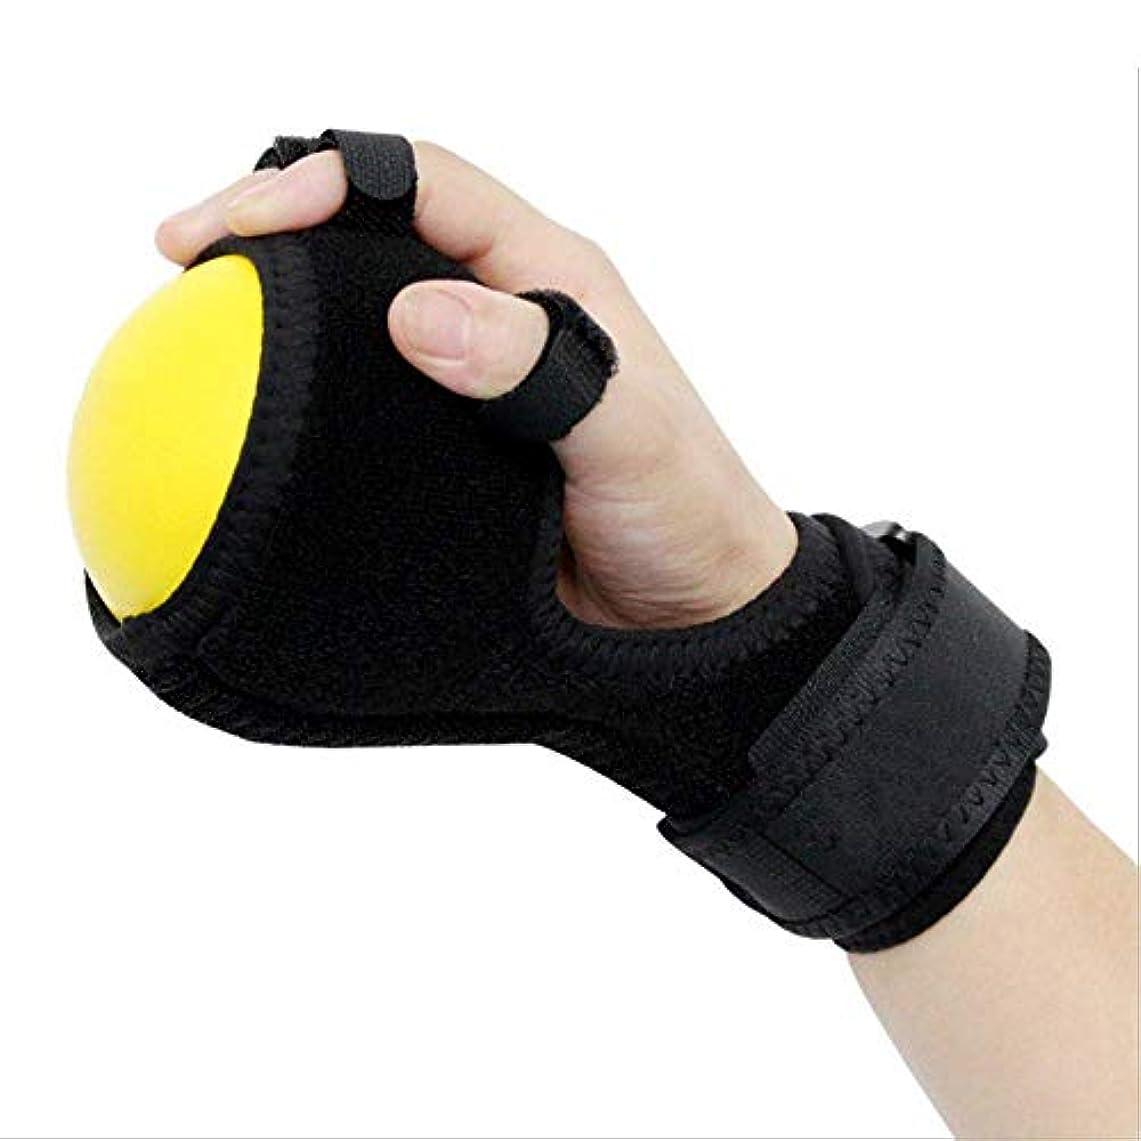 もちろん火山学者パターン指装具、指板訓練器具抗痙攣性ボールスプリントハンド機能障害指装具ハンドボールエクササイズ指片麻痺